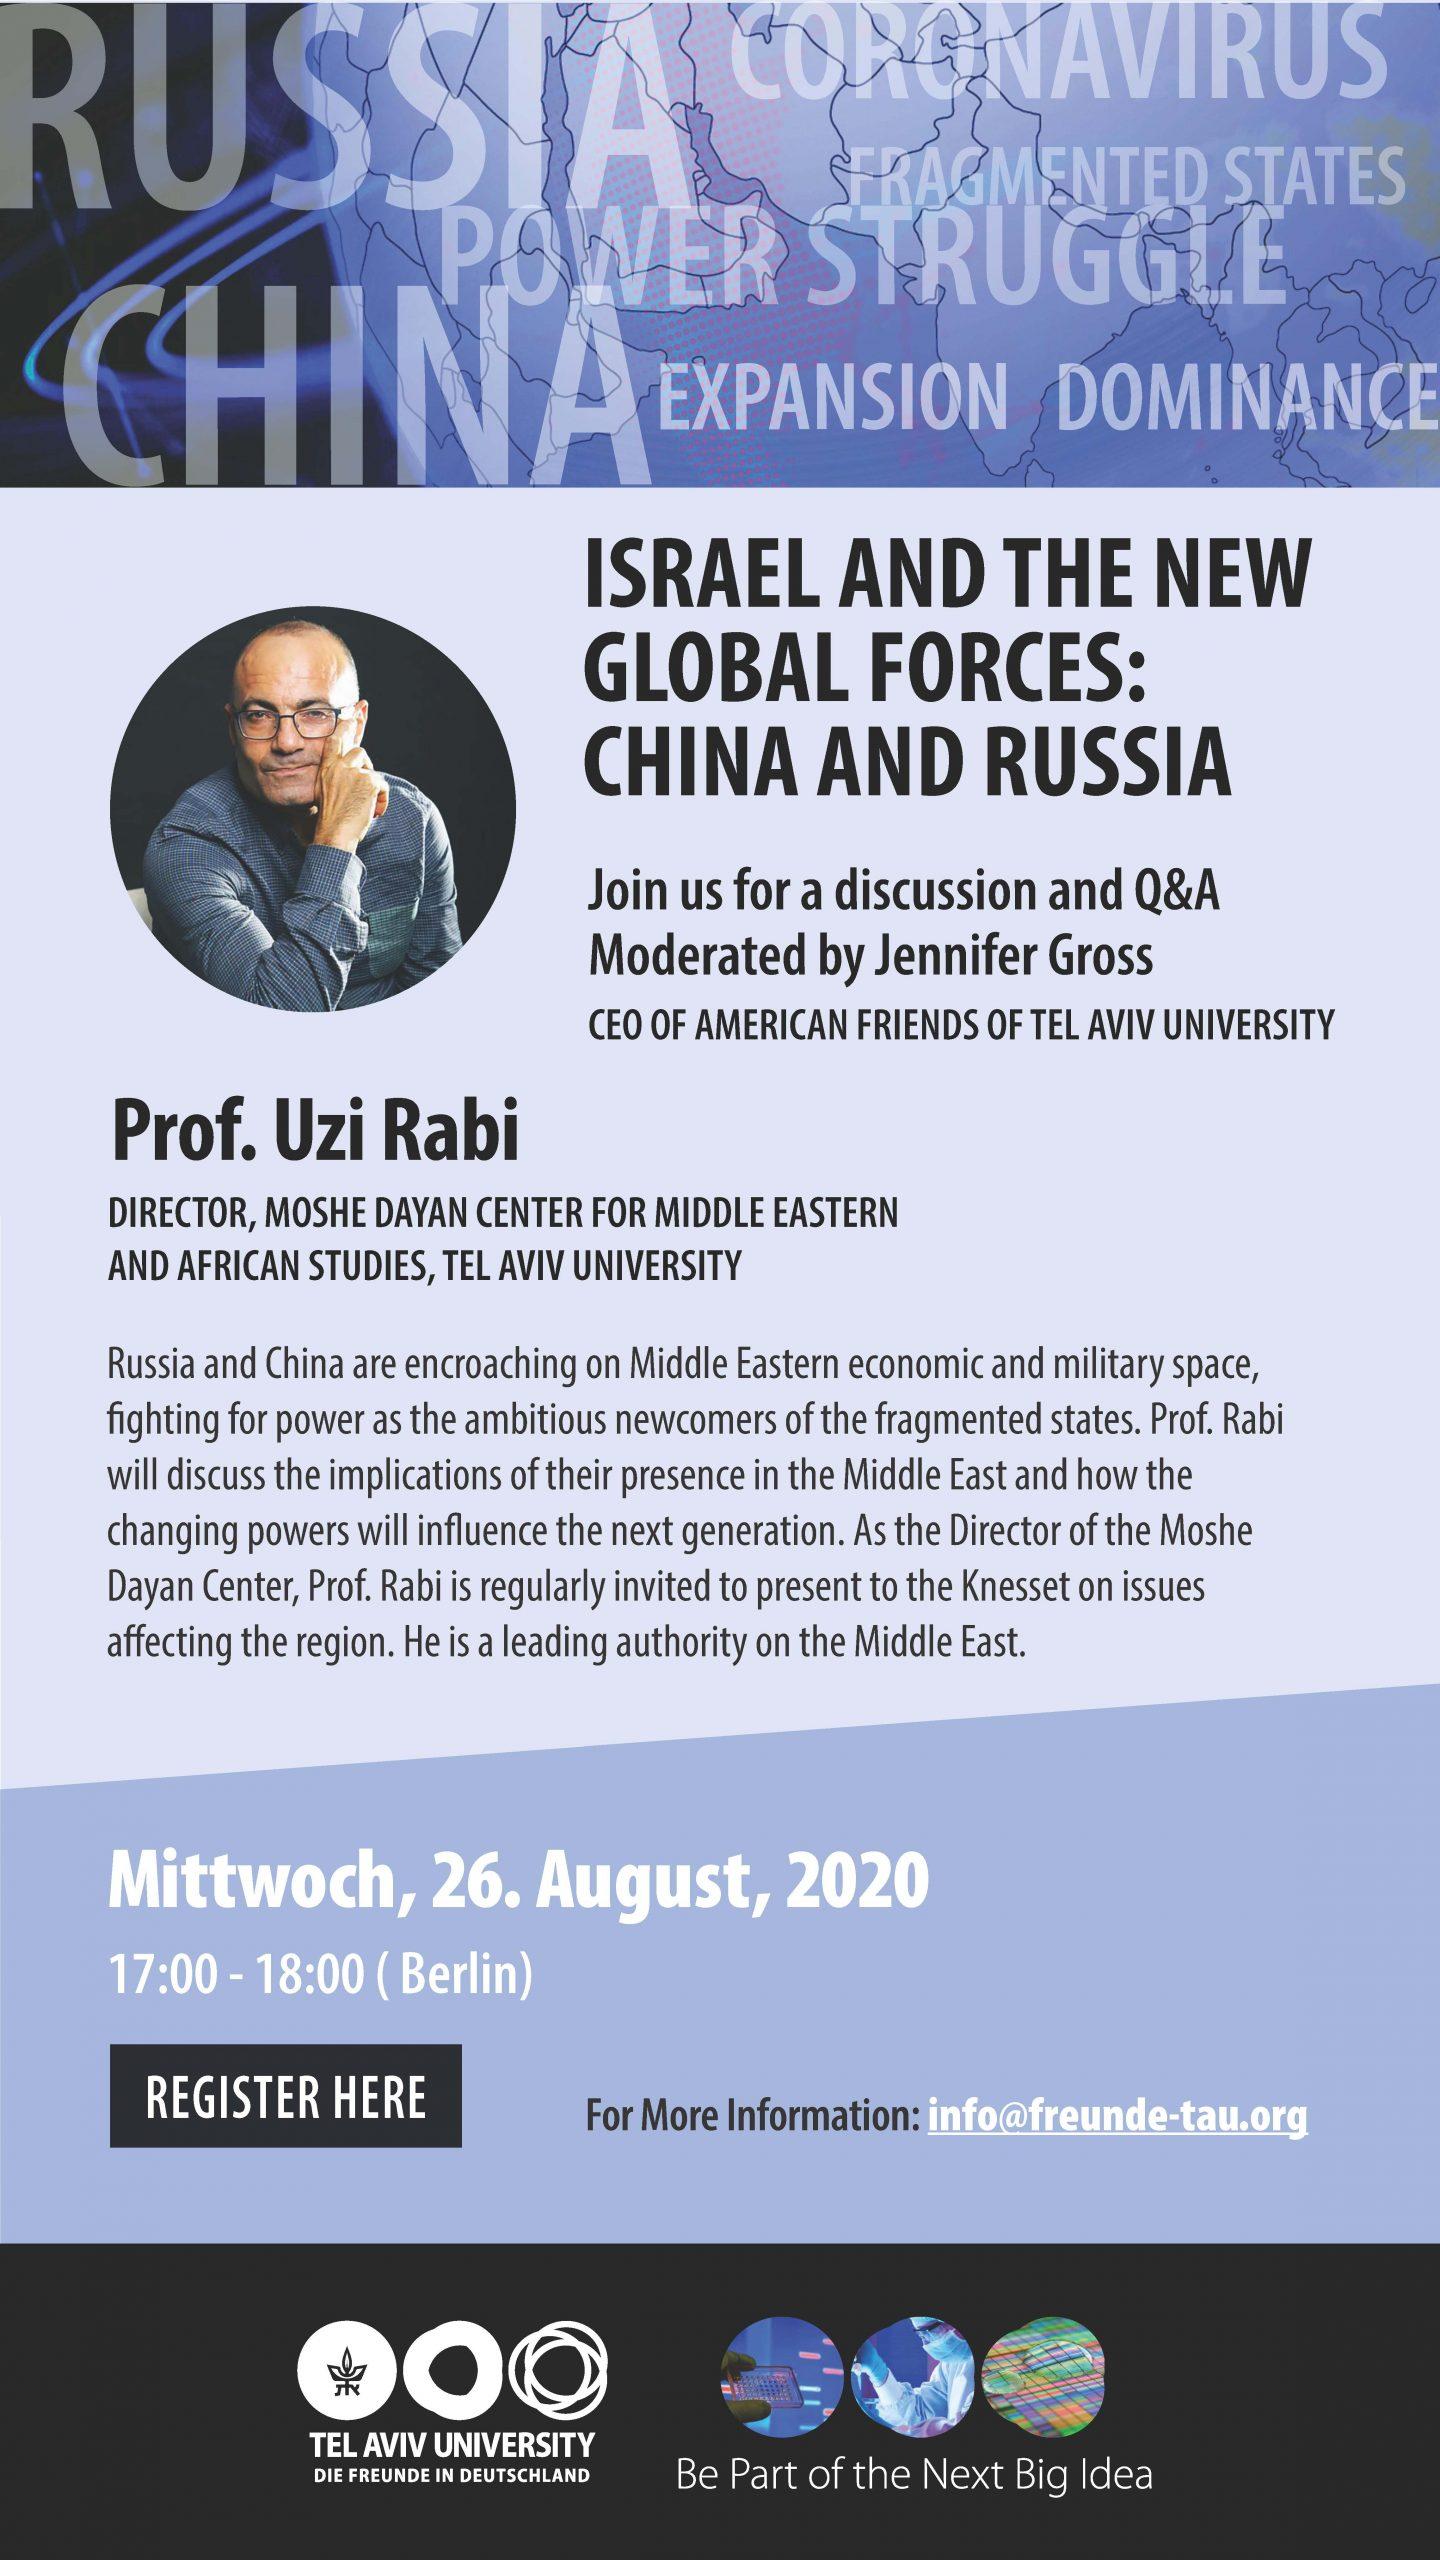 Israel zwischen Russland und China?   - TAU Online Event am 26.08.20